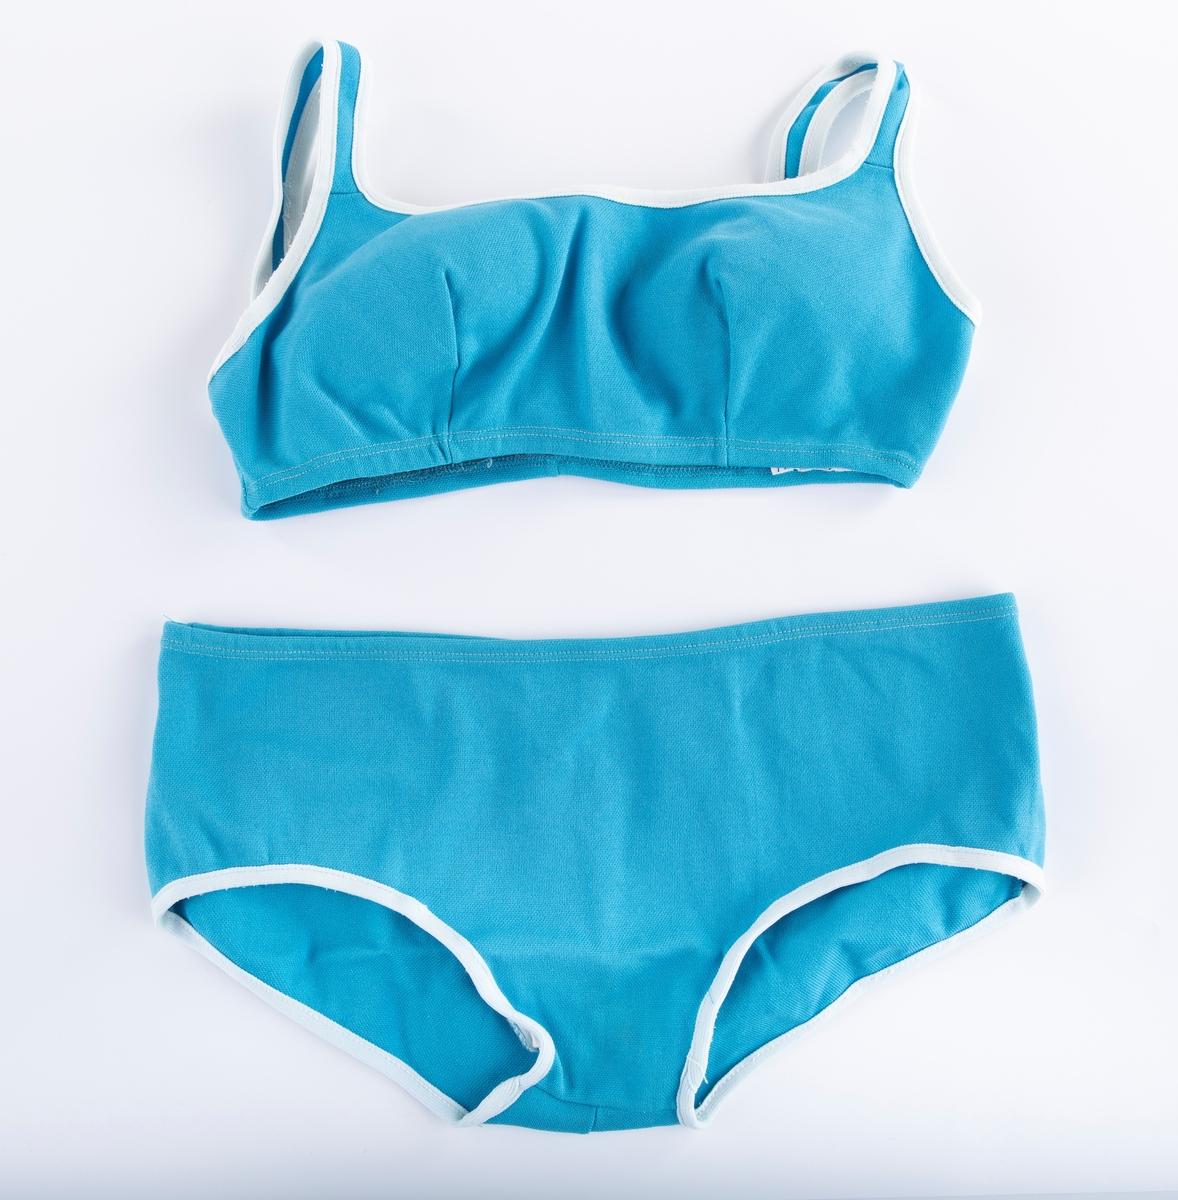 Bikini A: Bukse  Truse. Turkis. Hvite kanter ved bene. B: Overdel Hvite bånd rundt armer og skulderstropper og over brystpartiet. Innlegg av plast i brystpartiet.  Kjøpt hos Eivind Jensen, Drammen.